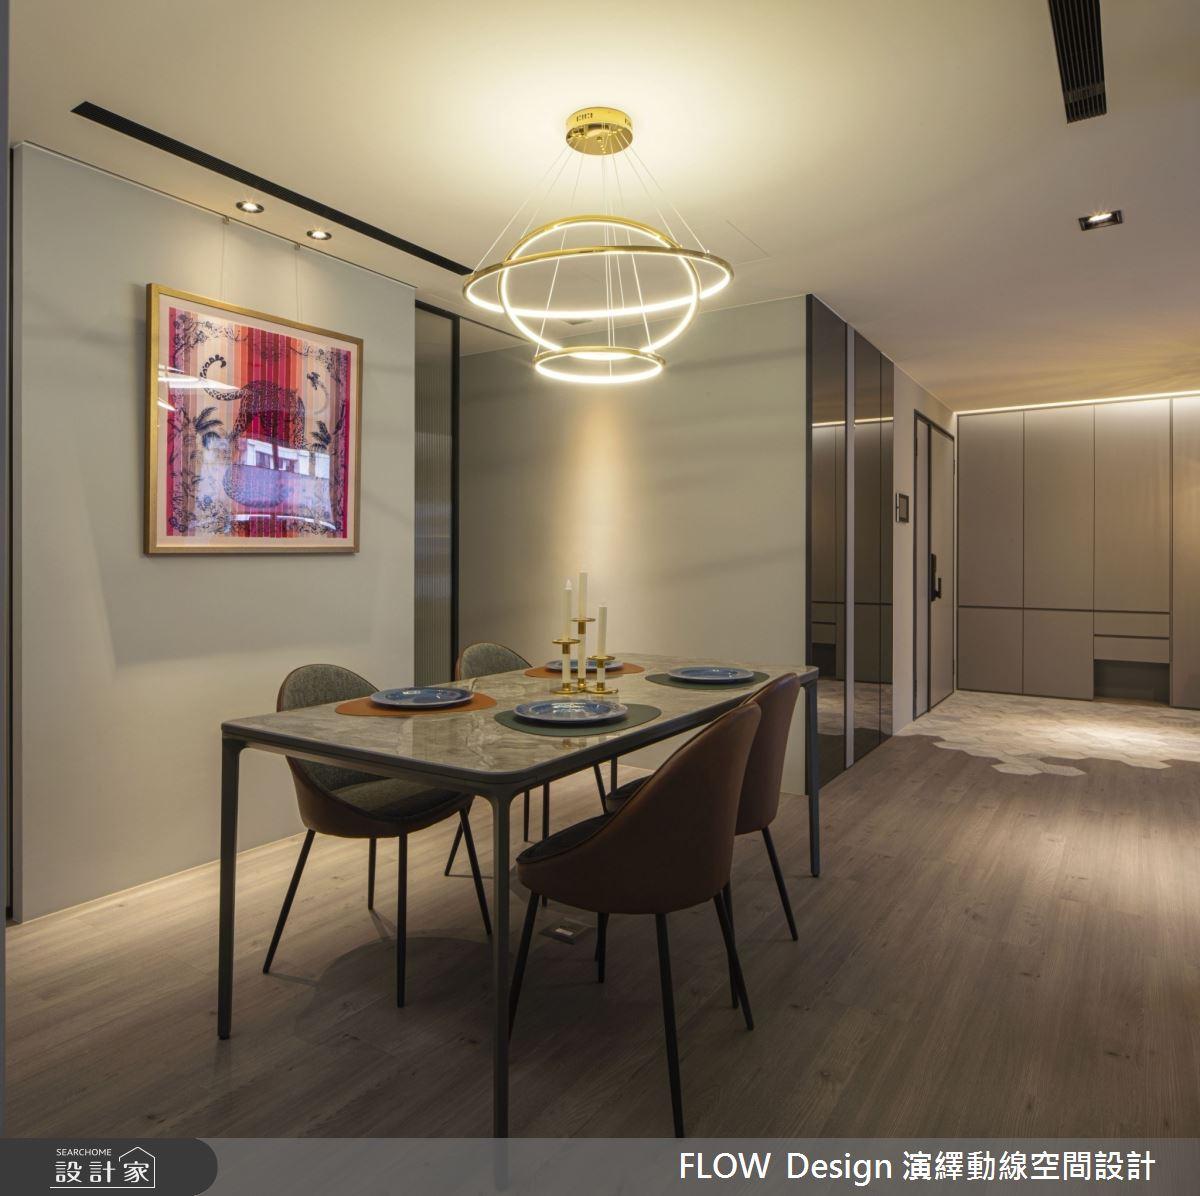 37坪新成屋(5年以下)_簡約風案例圖片_演繹動線設計公司_演繹動線_16之10